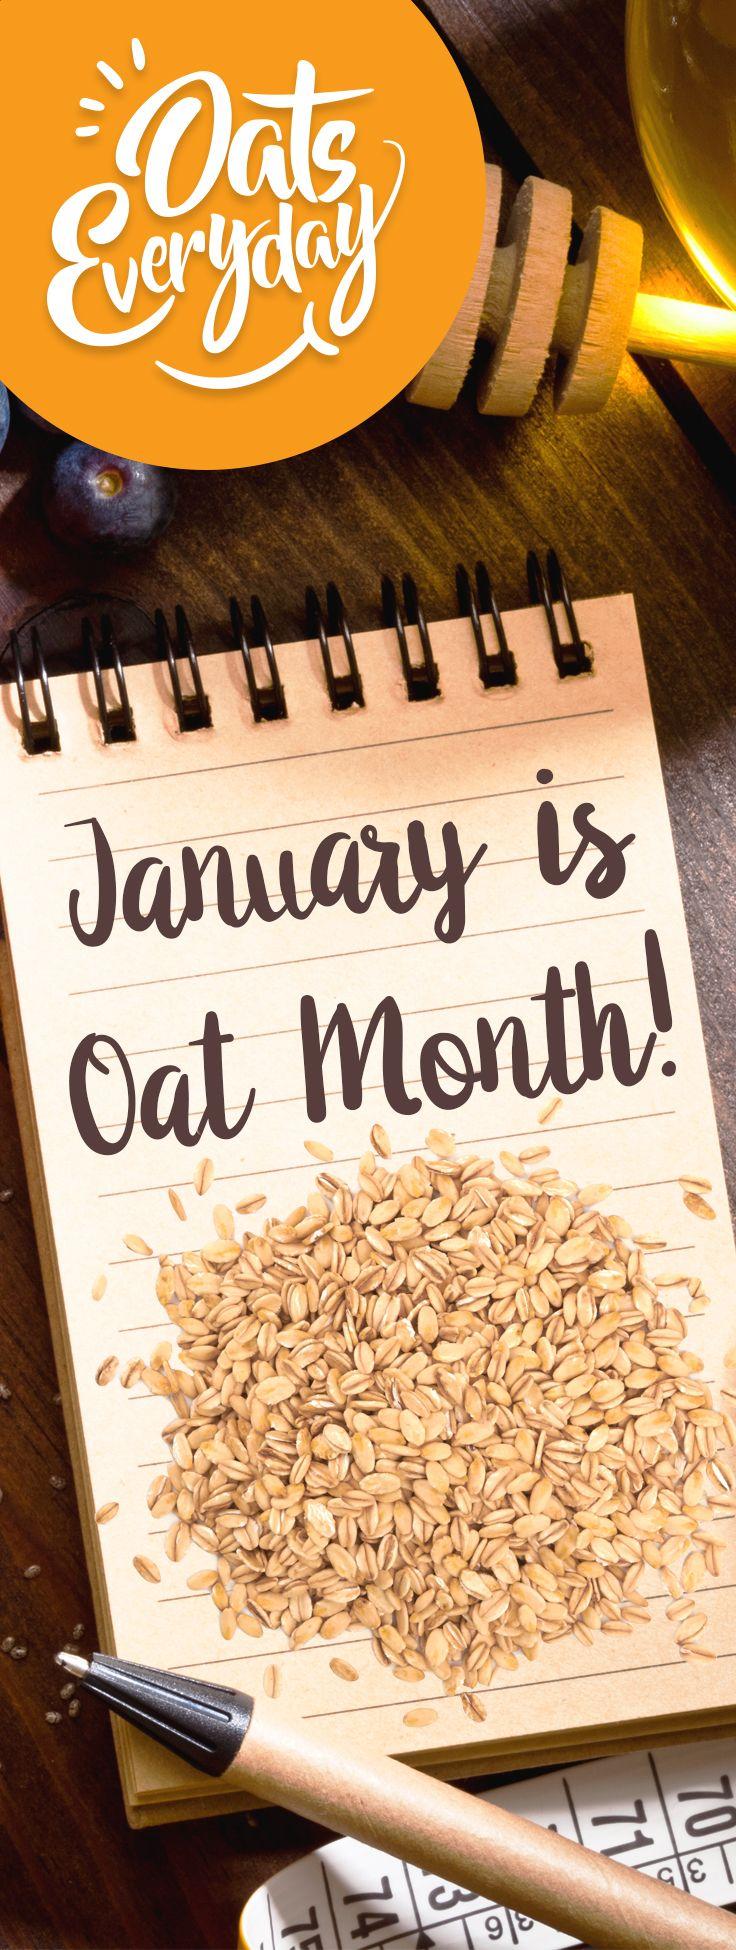 """Become an """"oatspert"""" at OatsEveryday.com"""